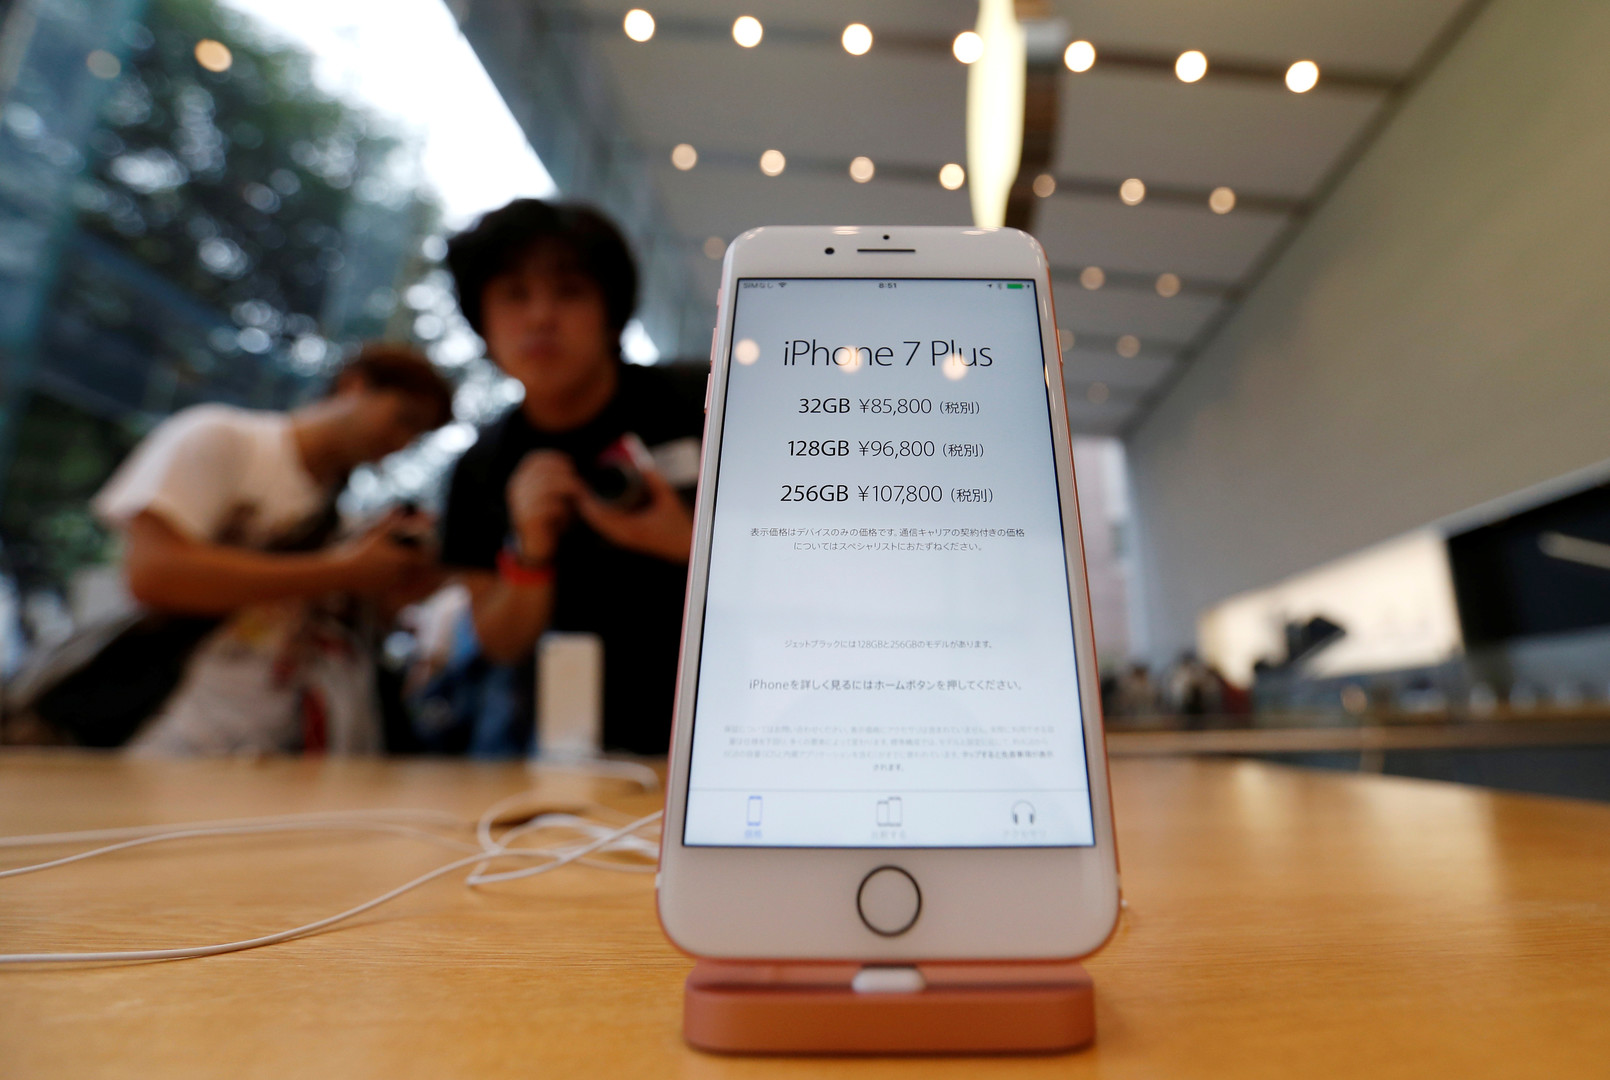 «Яблоко от яблони»: корреспондент RT в течение месяца тестировал новый iPhone 7 Plus